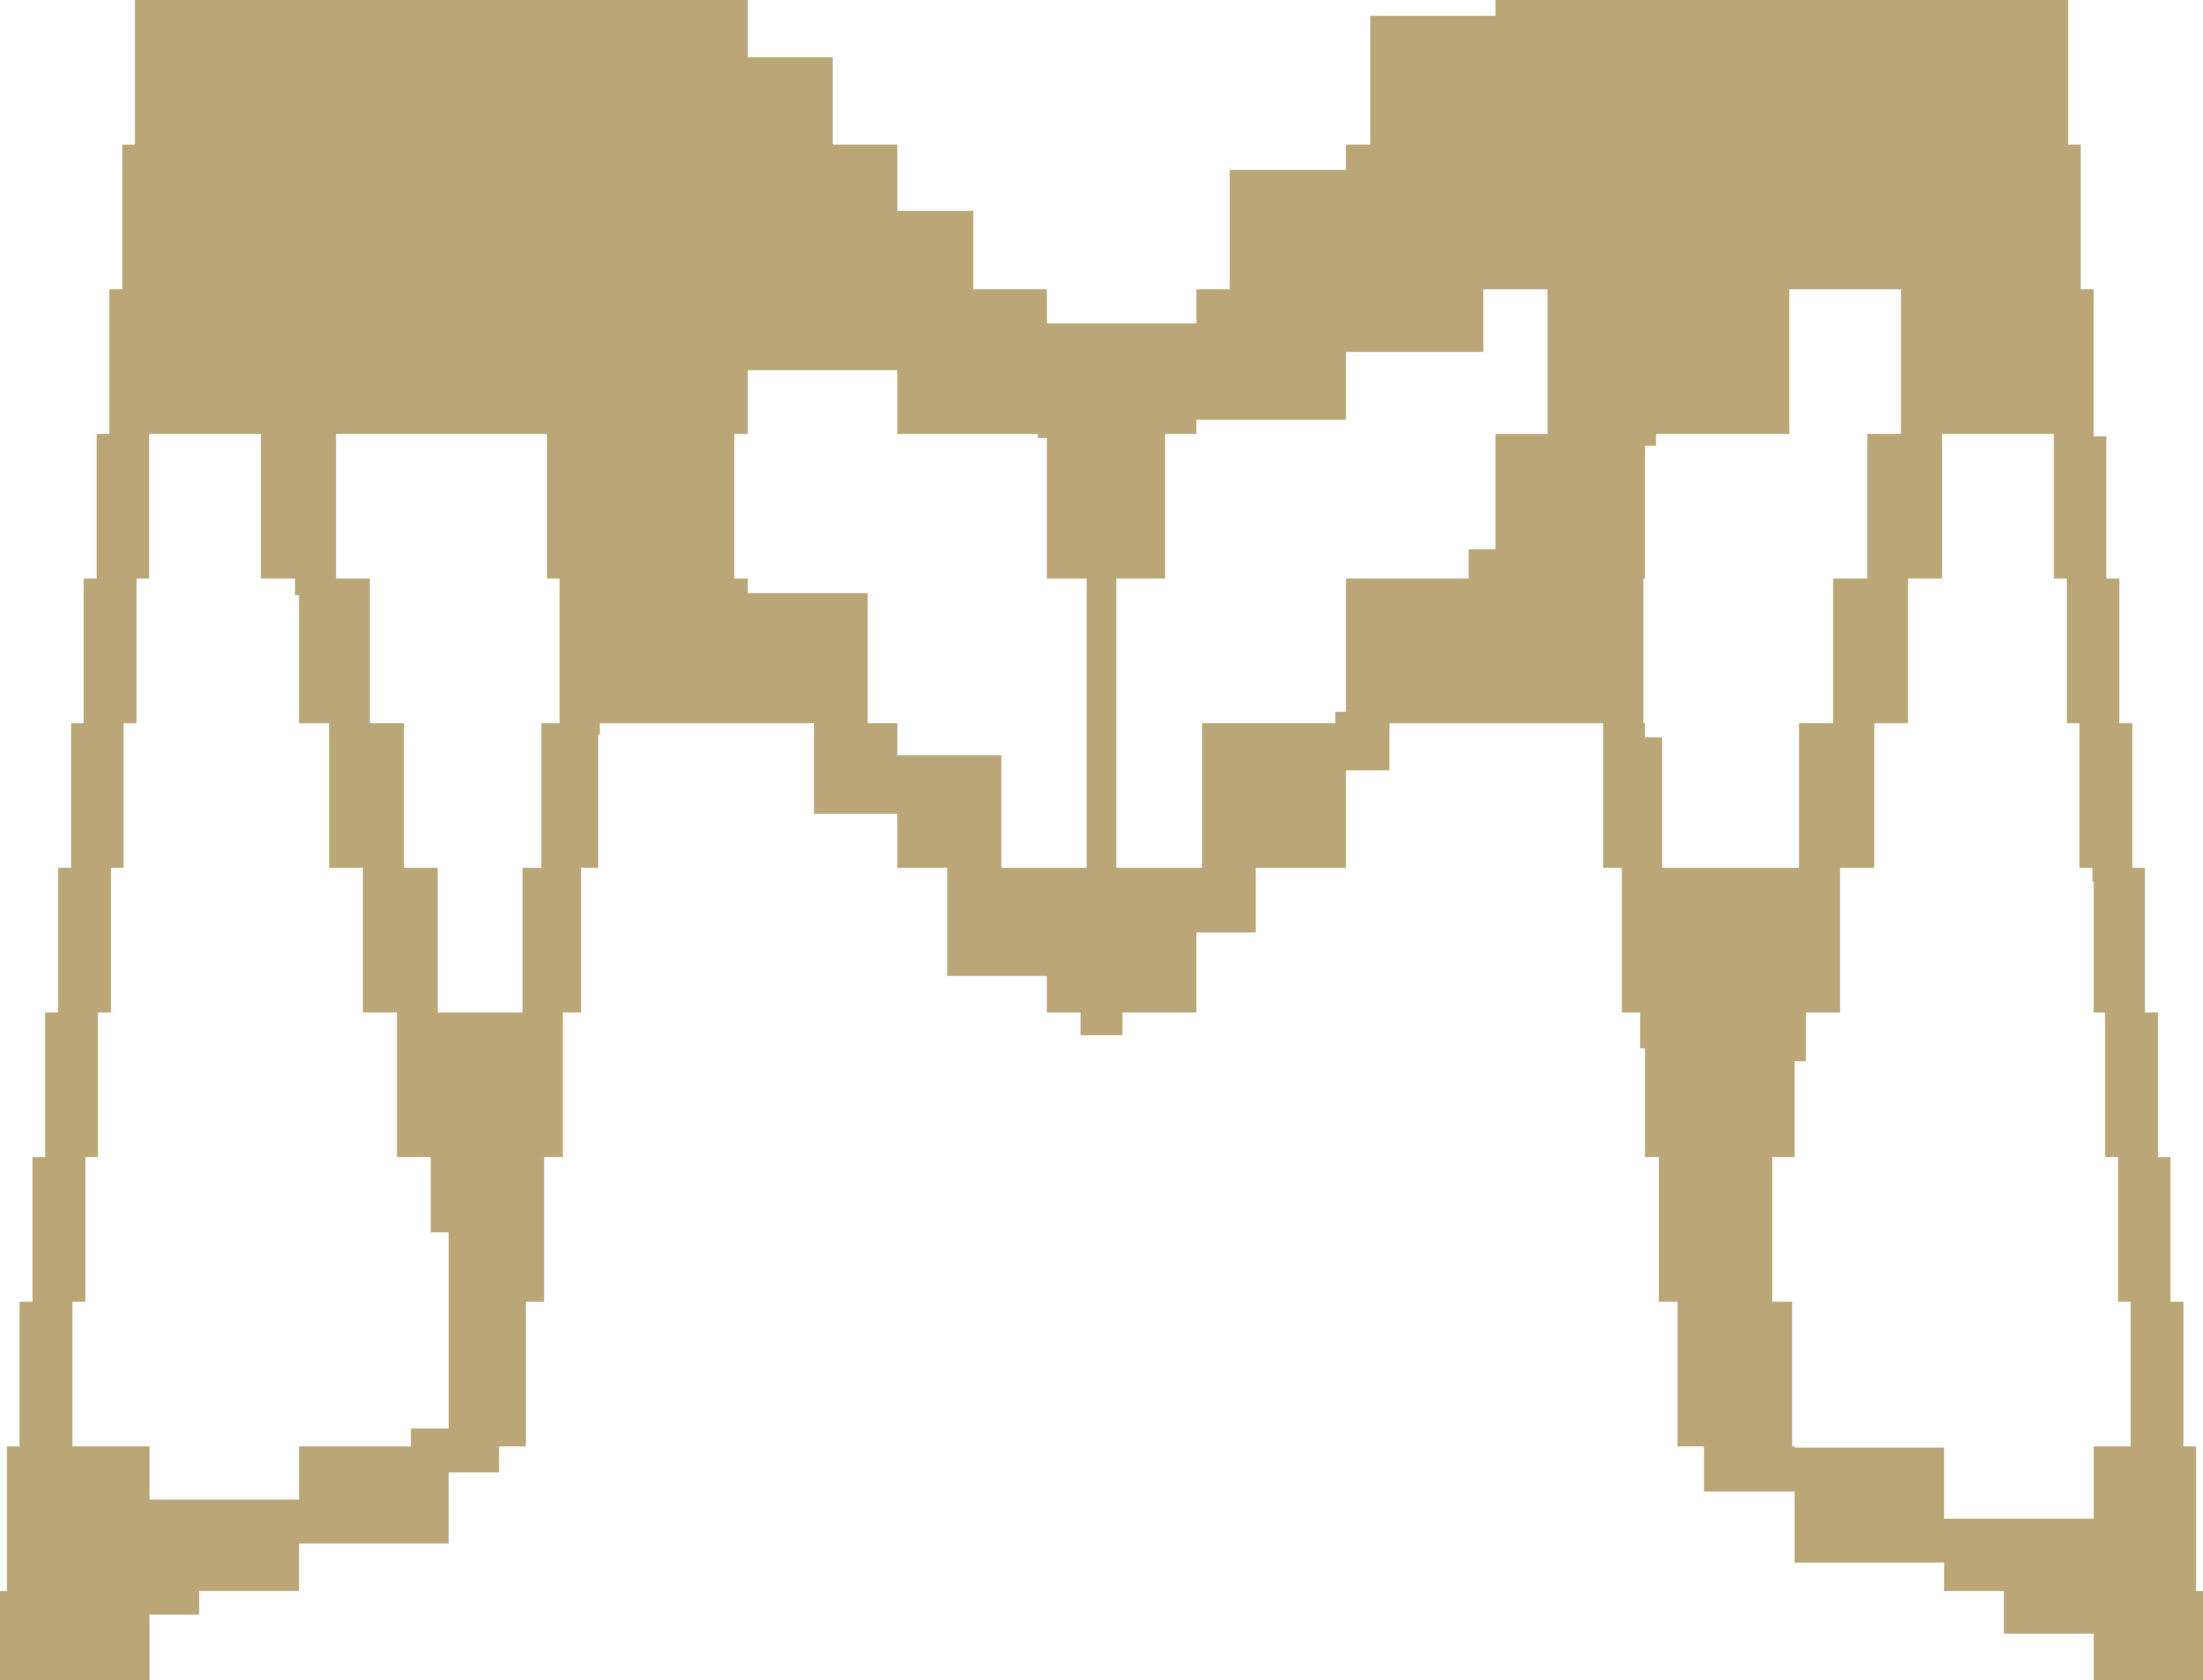 厦门铭卓展览服务有限公司招聘设计师